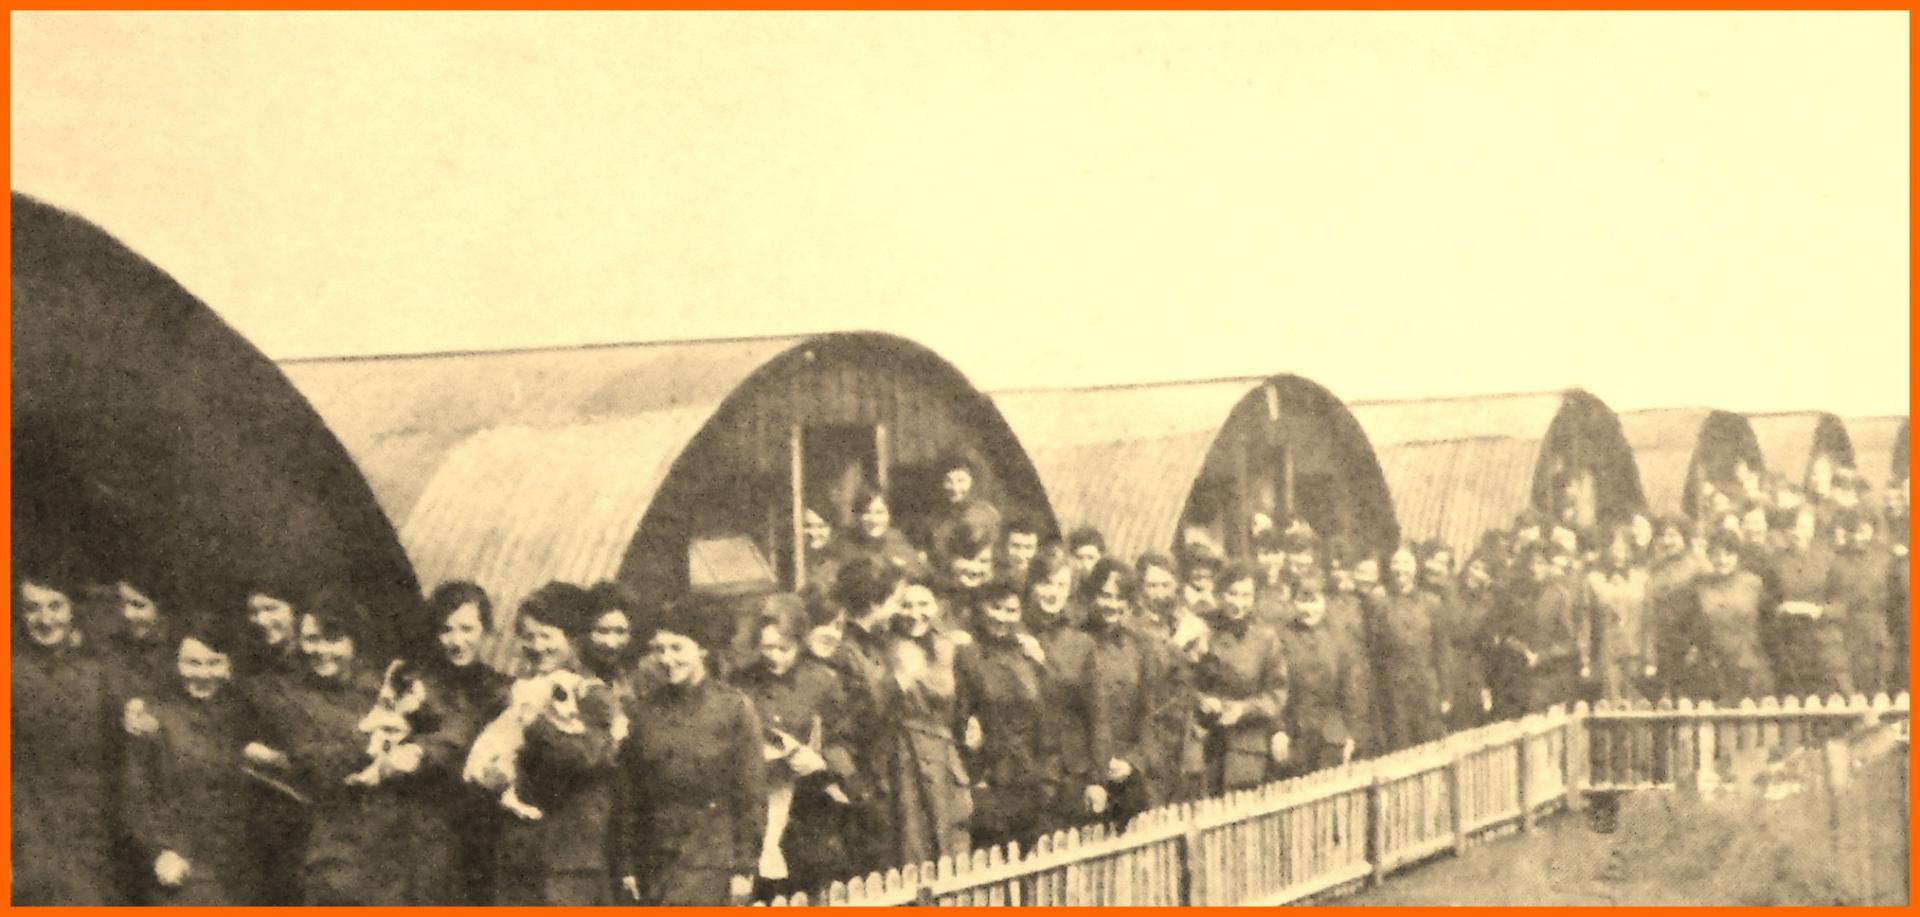 Calais 14 18 baraquement d un detachement de femmes de la waac women auxiliary army corps encadre